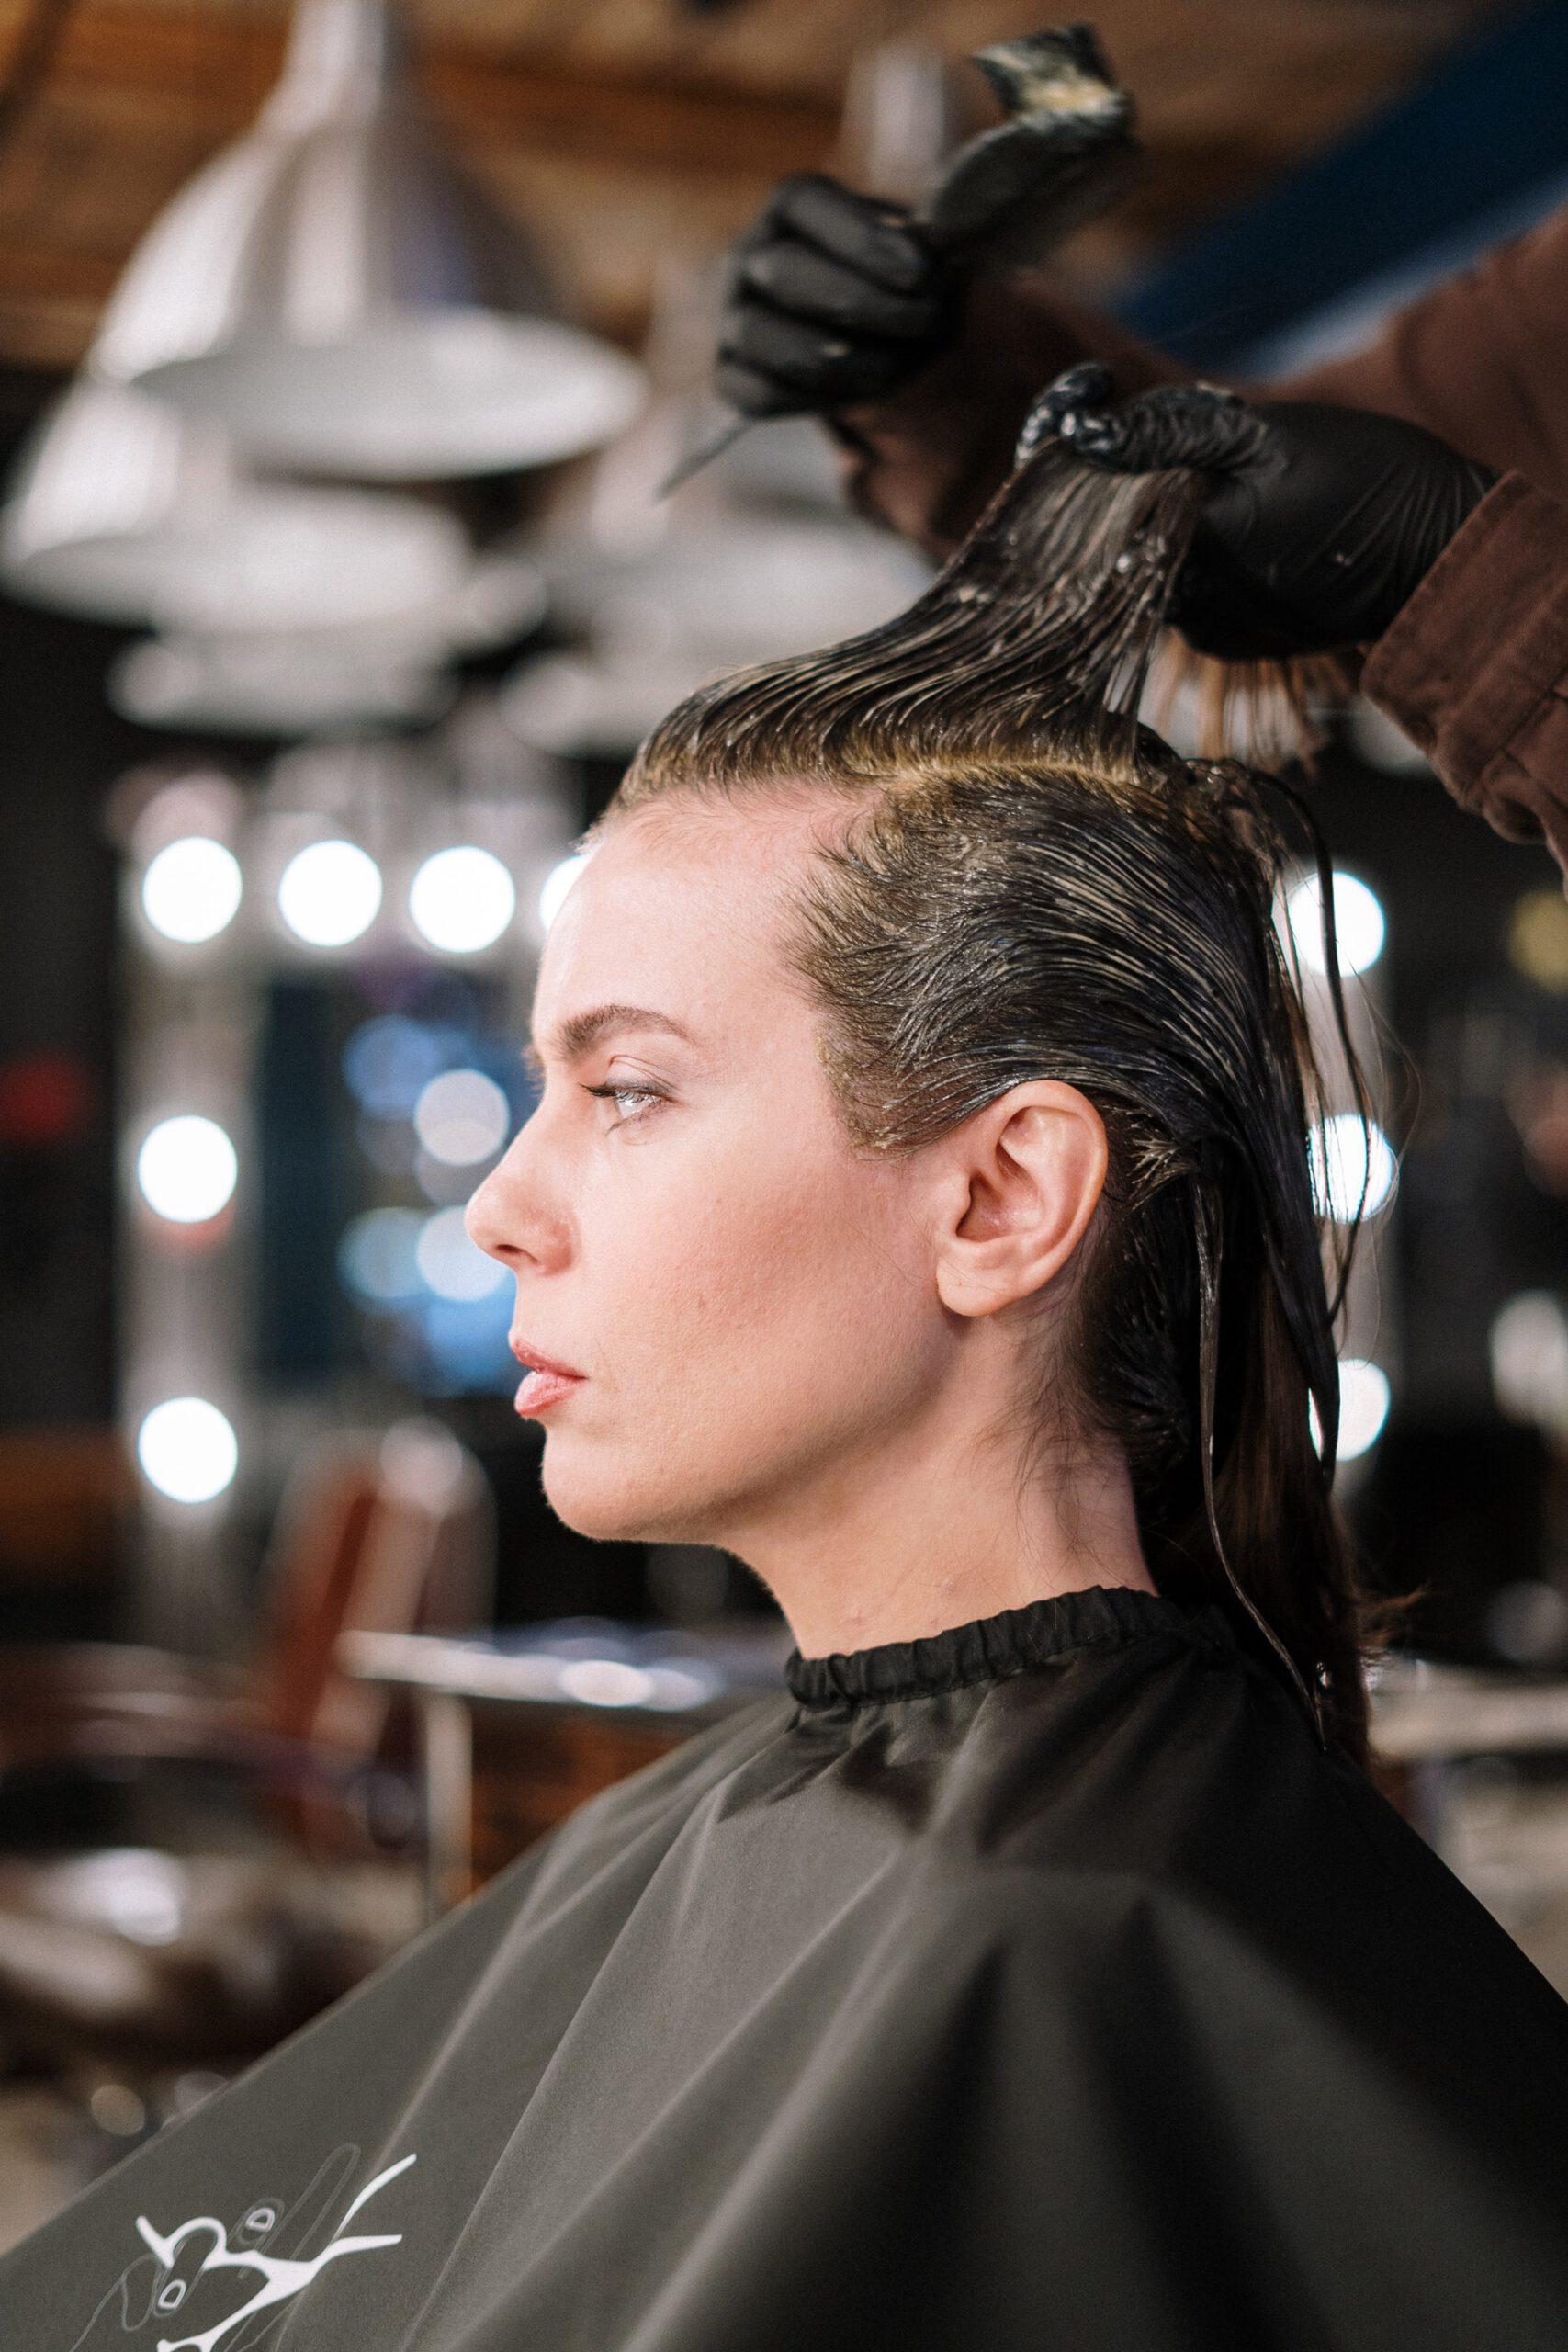 Non Toxic Hair Dye